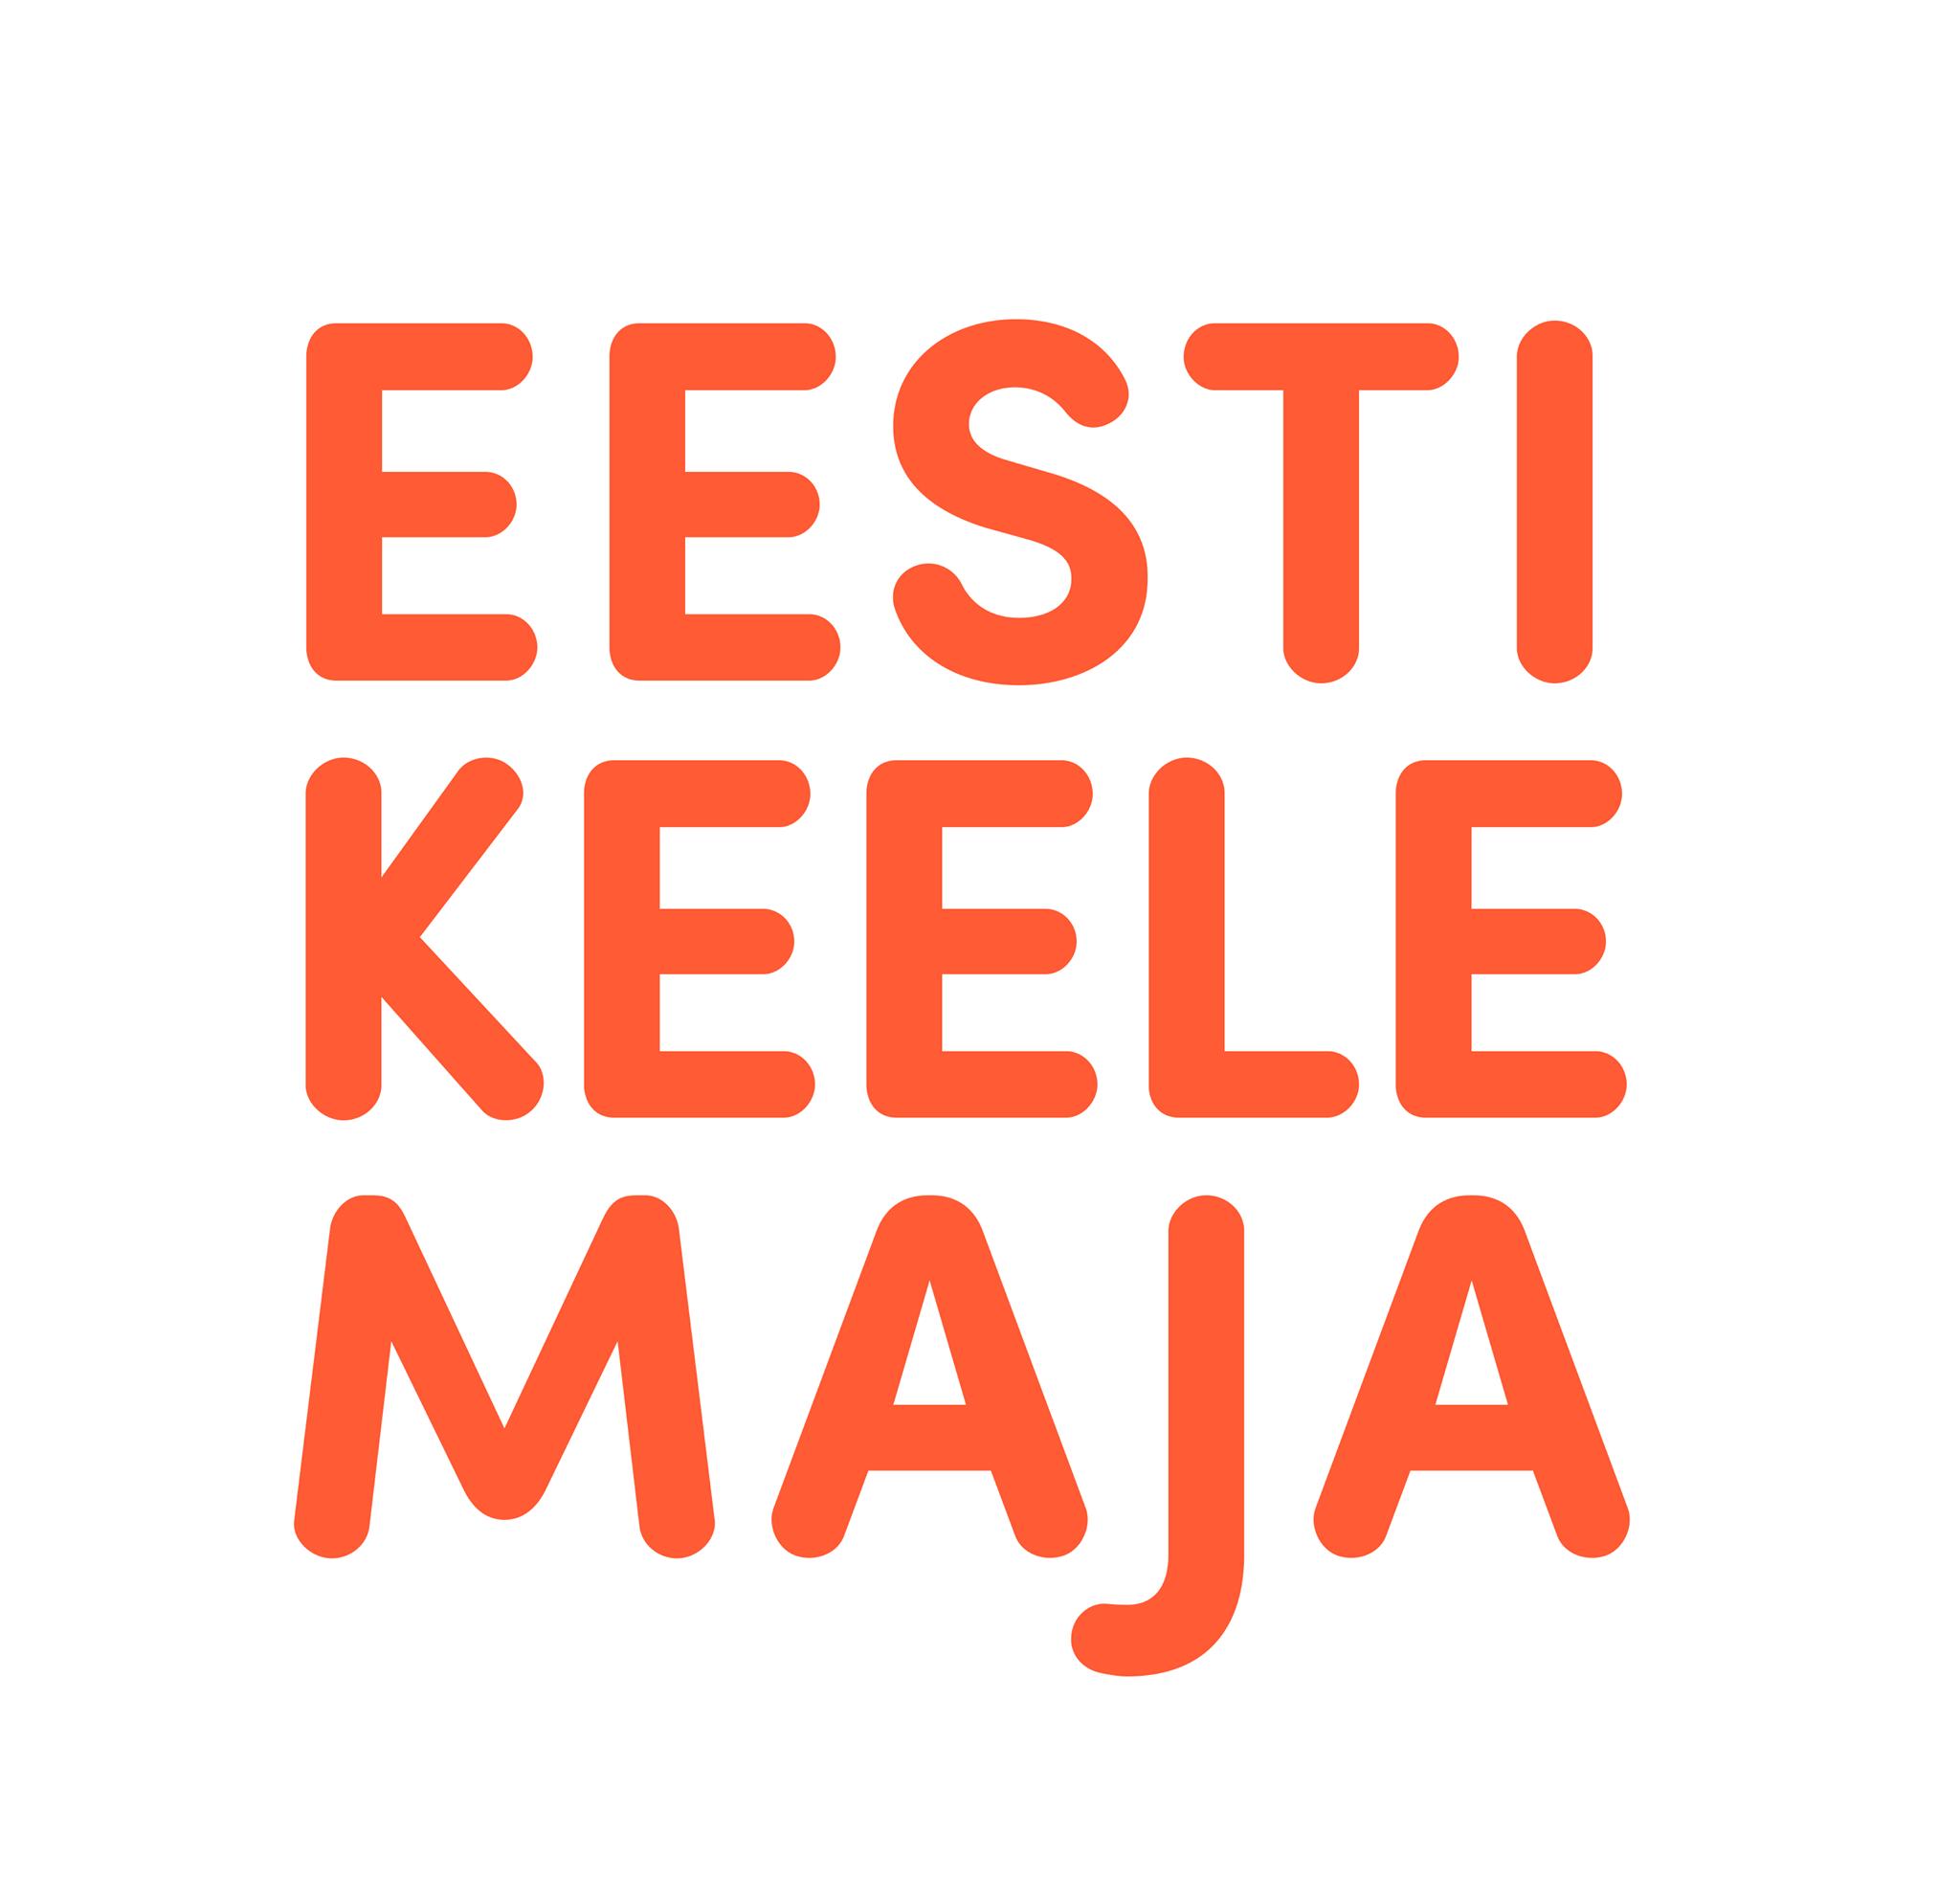 Eesti keele maja